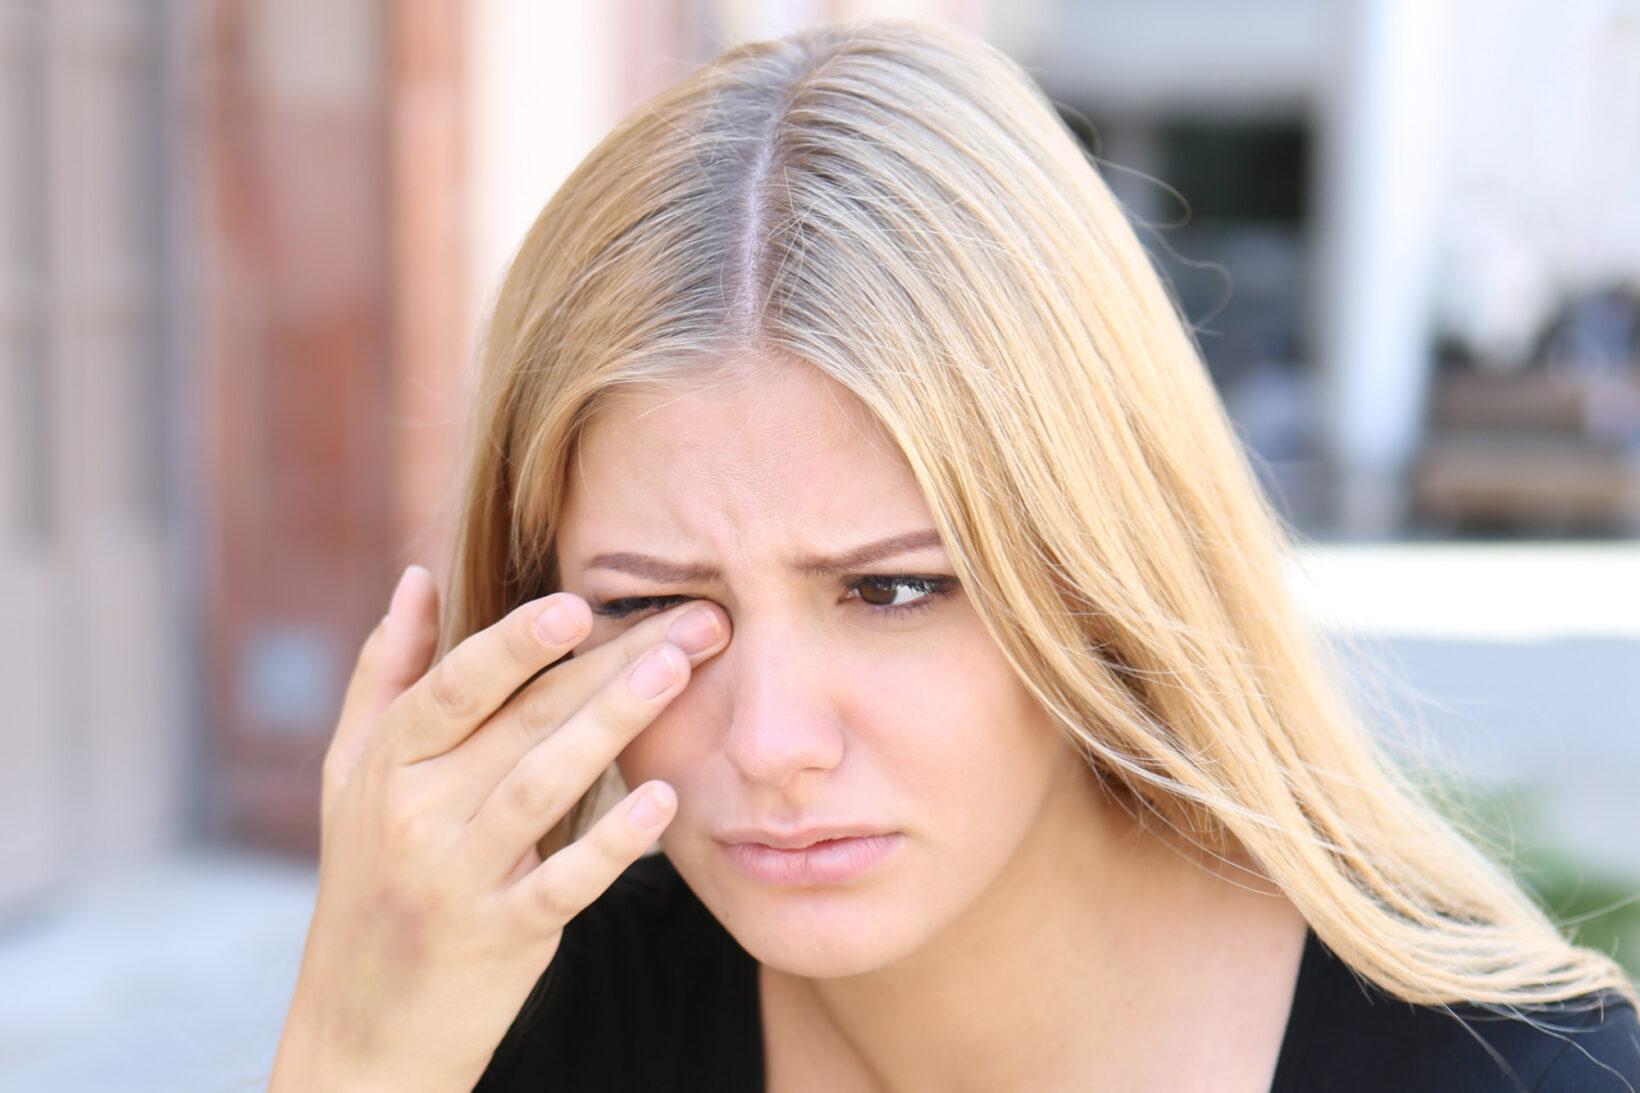 Göz seğirmesinin en yaygın 6 nedeni #1